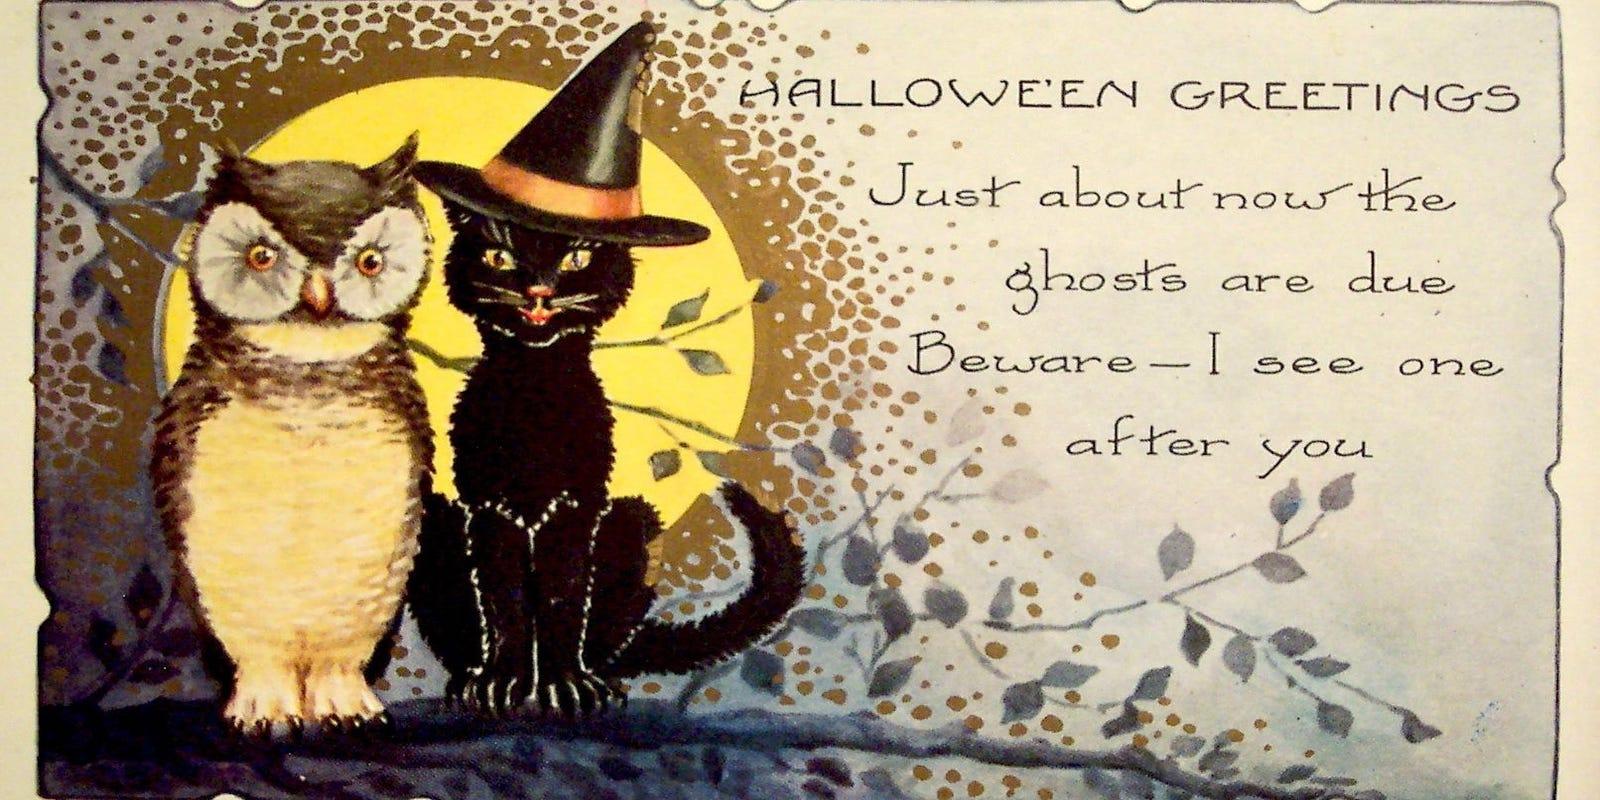 Открытка на хэллоуин на английском языке, шка картинки